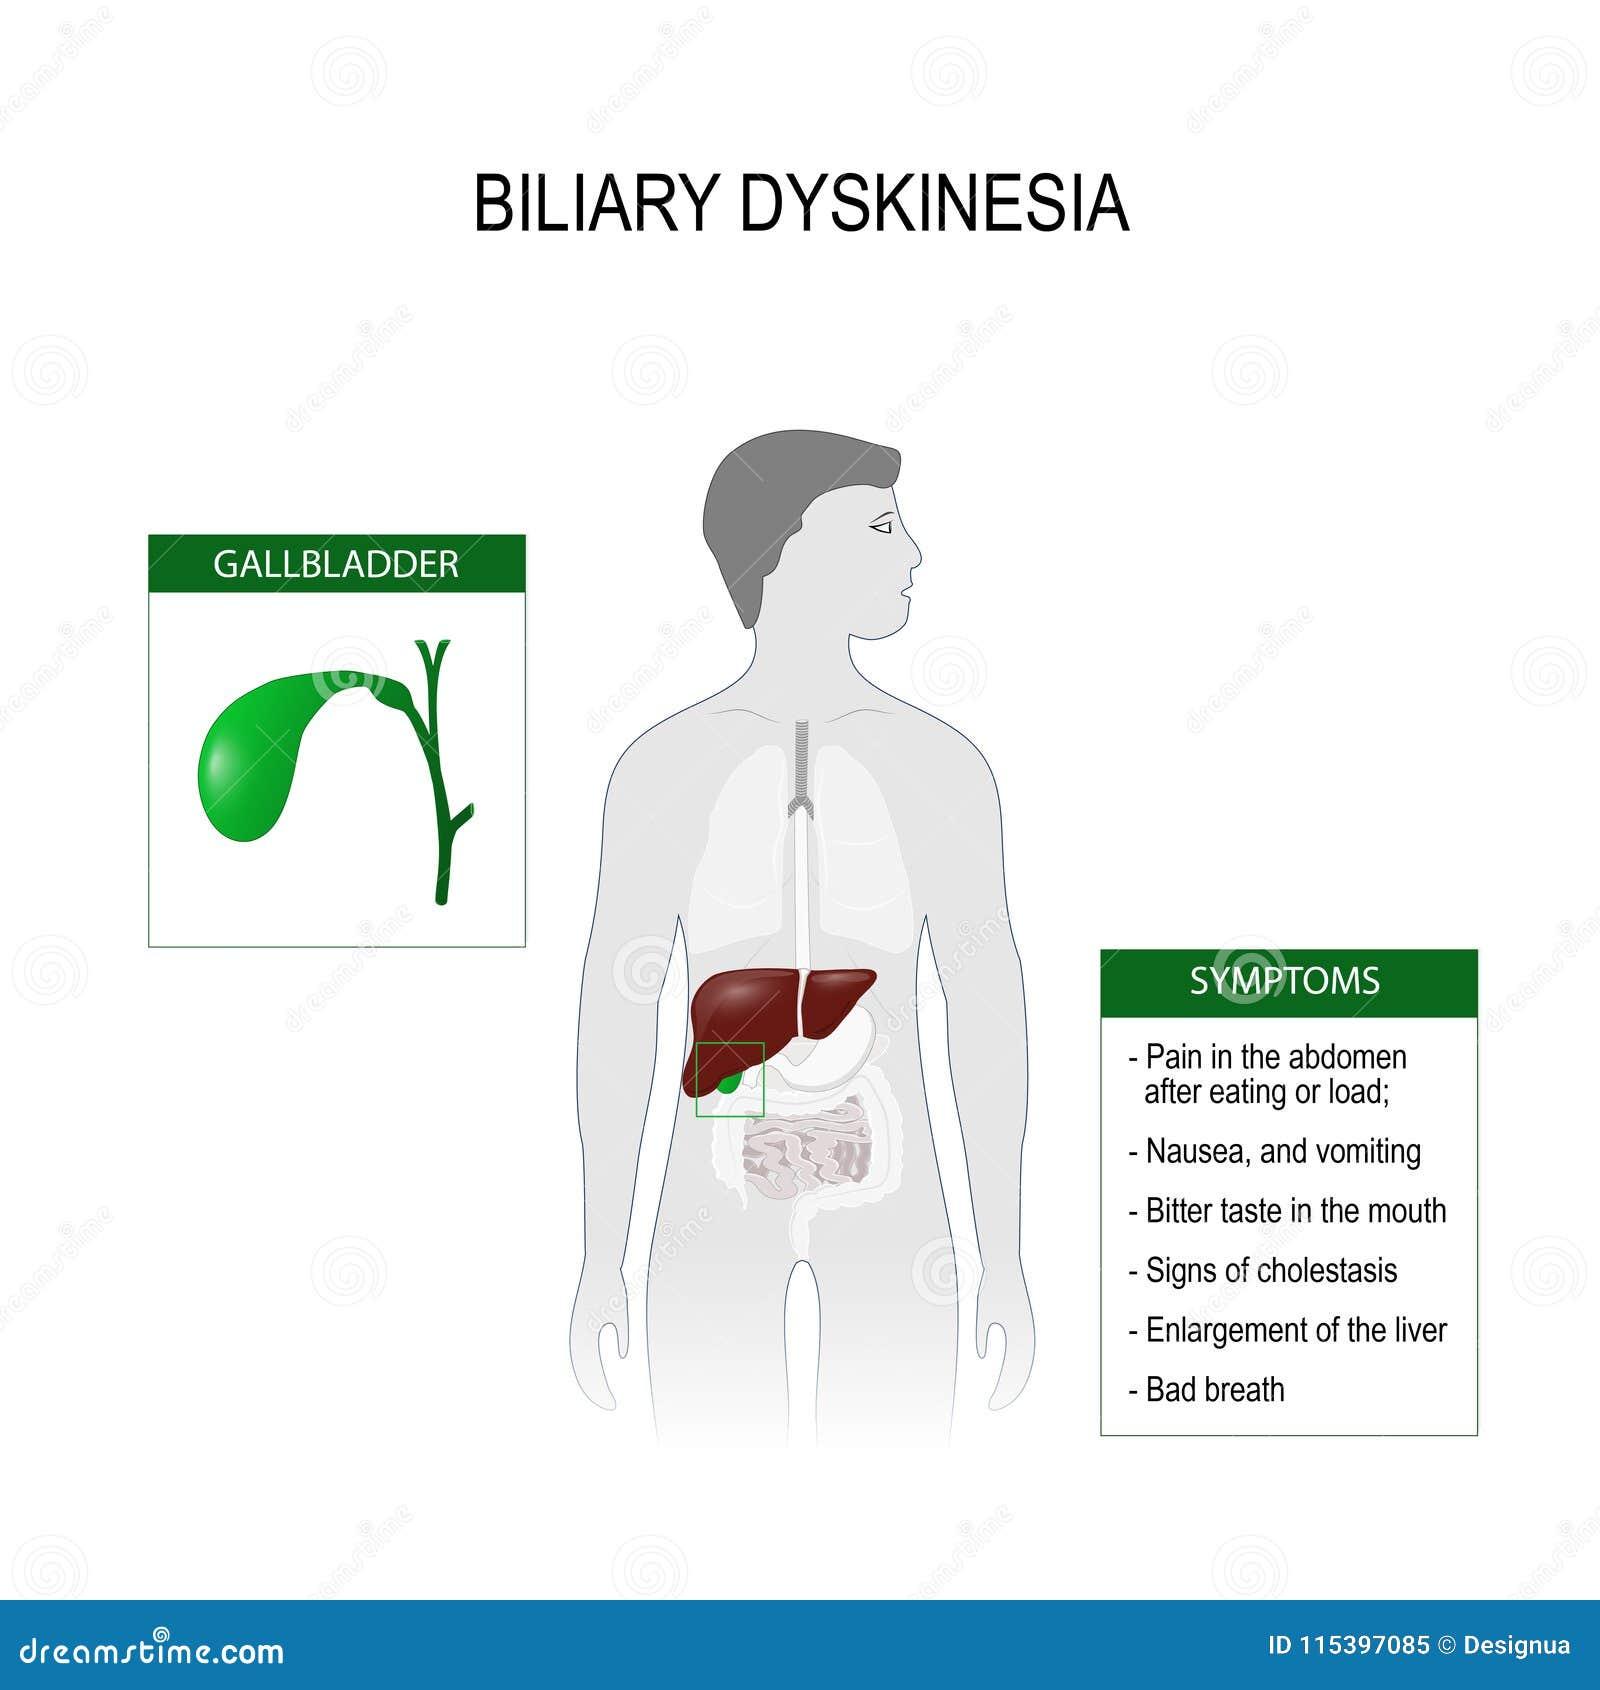 Biliary dyskinesia